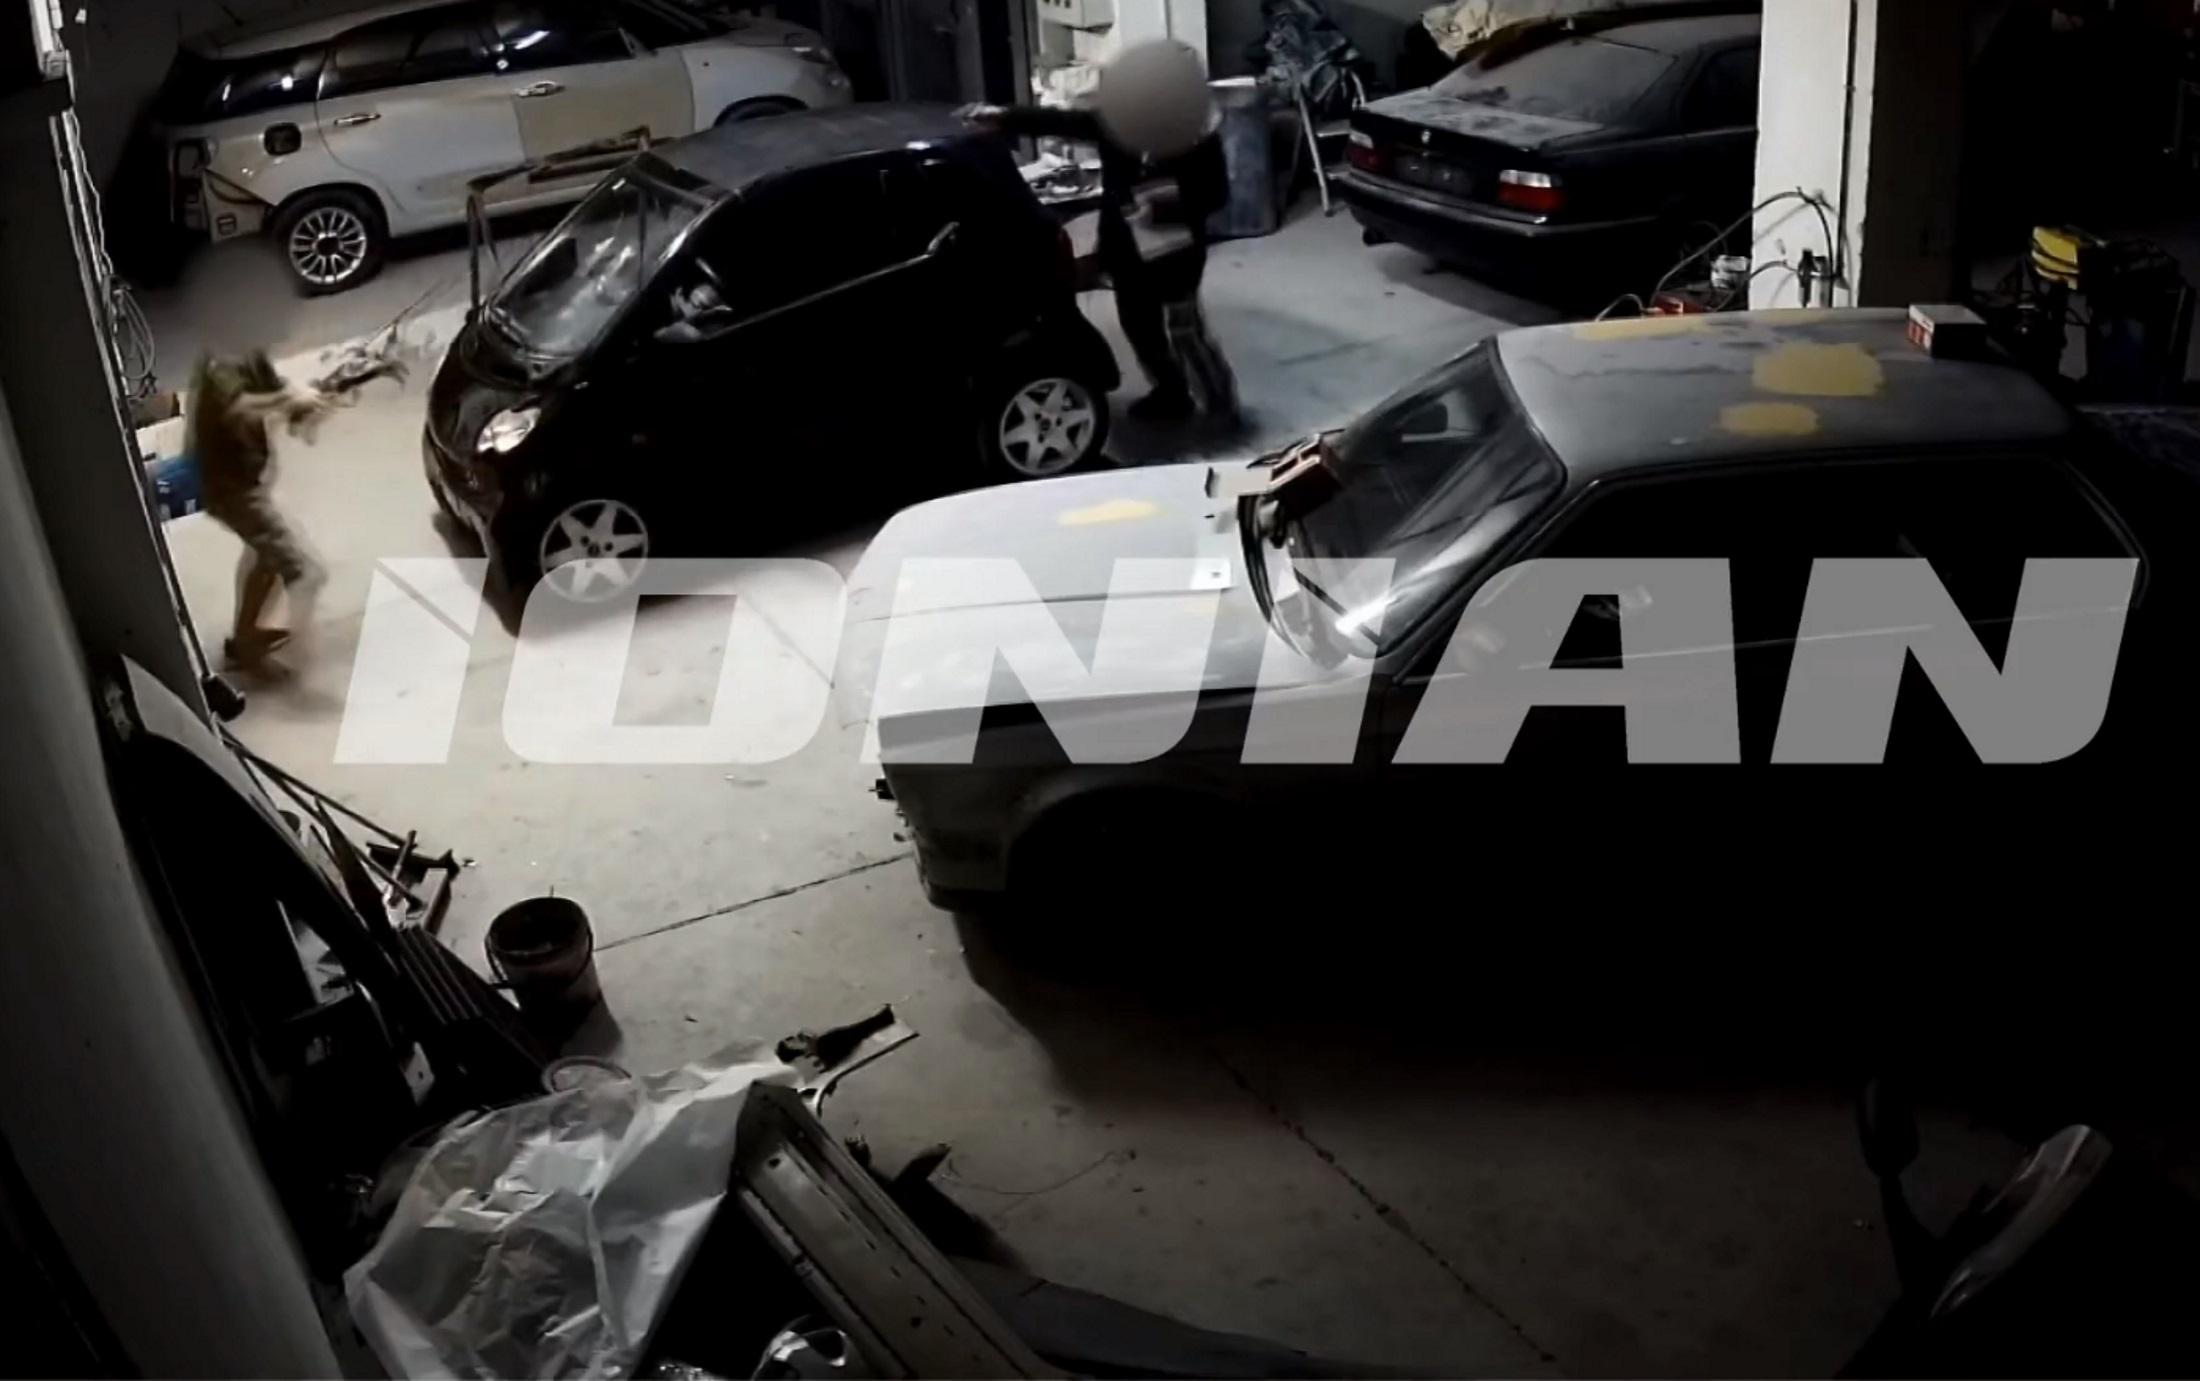 Πάτρα: Καρέ καρέ οι στιγμές πριν τη δολοφονία του 41χρονου στο φανοποιείο! Σοκαριστικό βίντεο